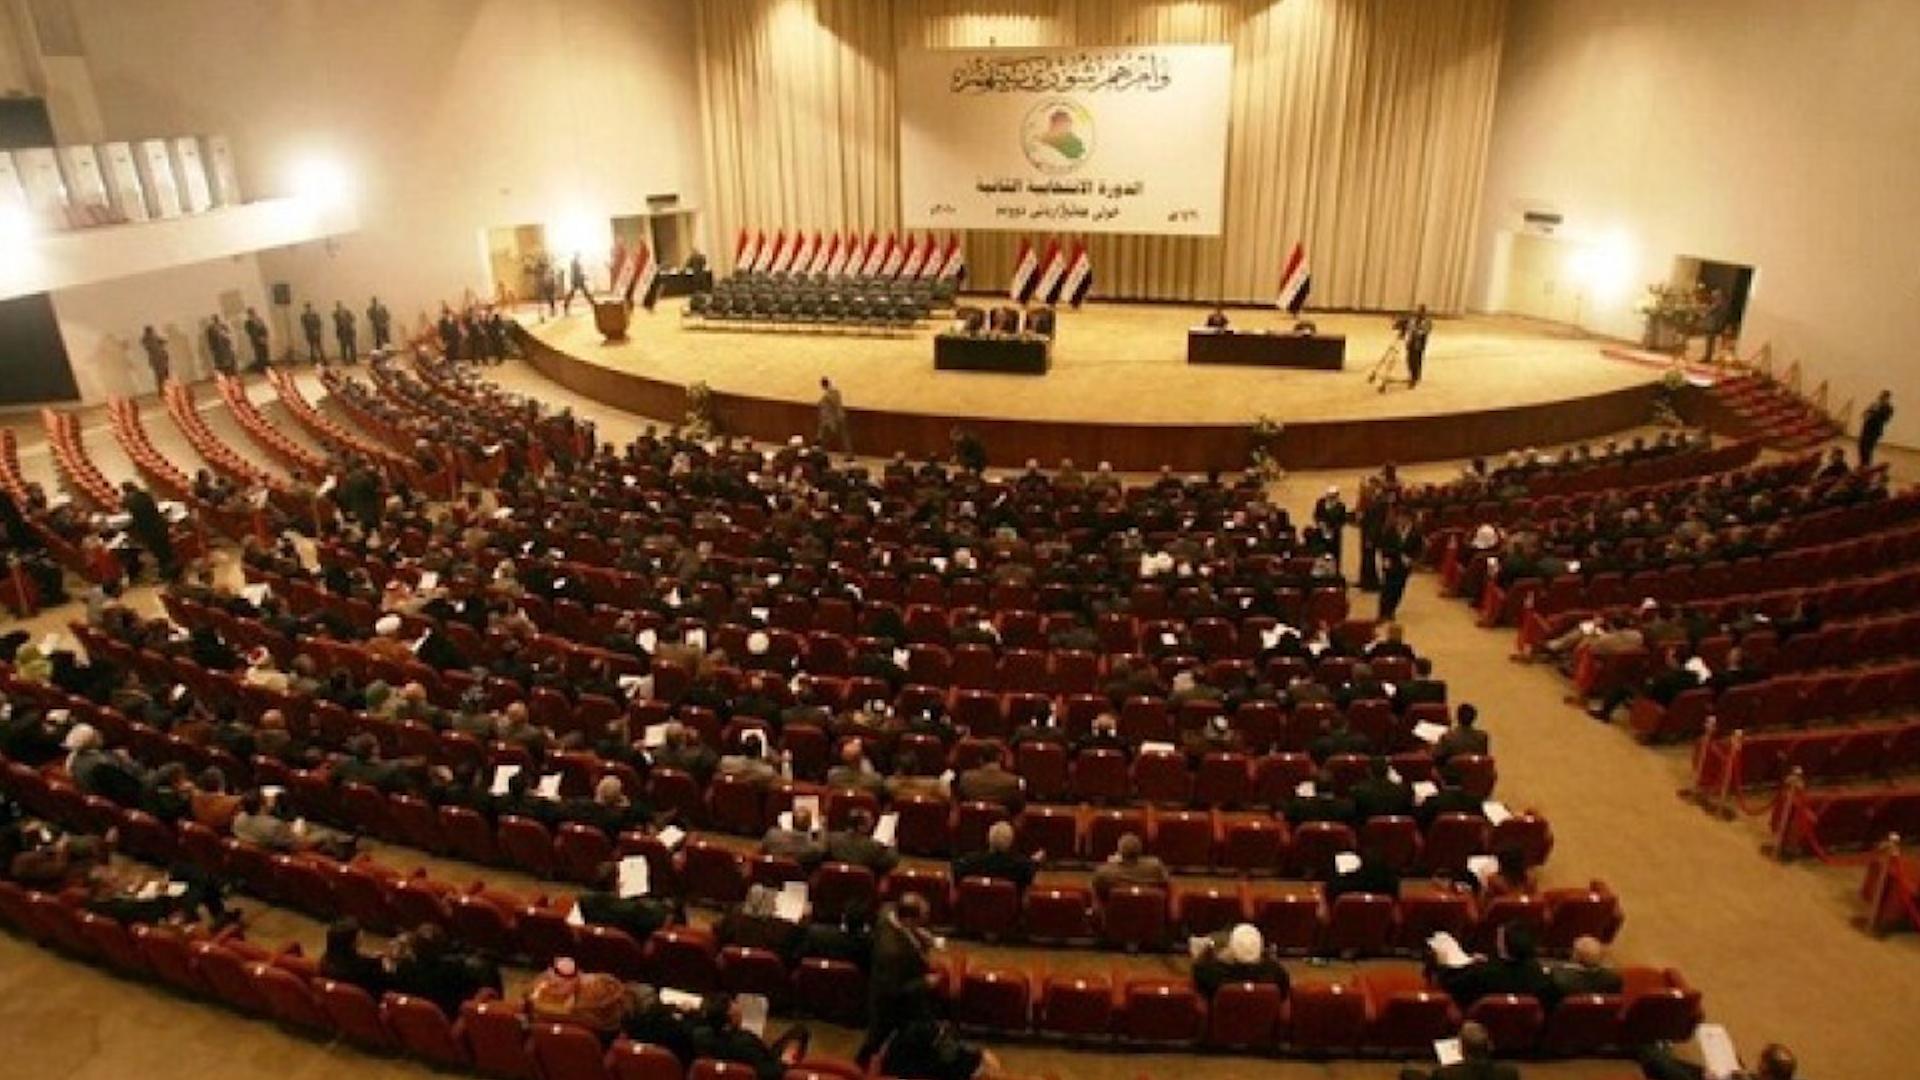 Photo of Nameya îstîfaya Berhem Salih piraniya partiyên Iraqê naxwazin Berhem Salih îstîfa bike